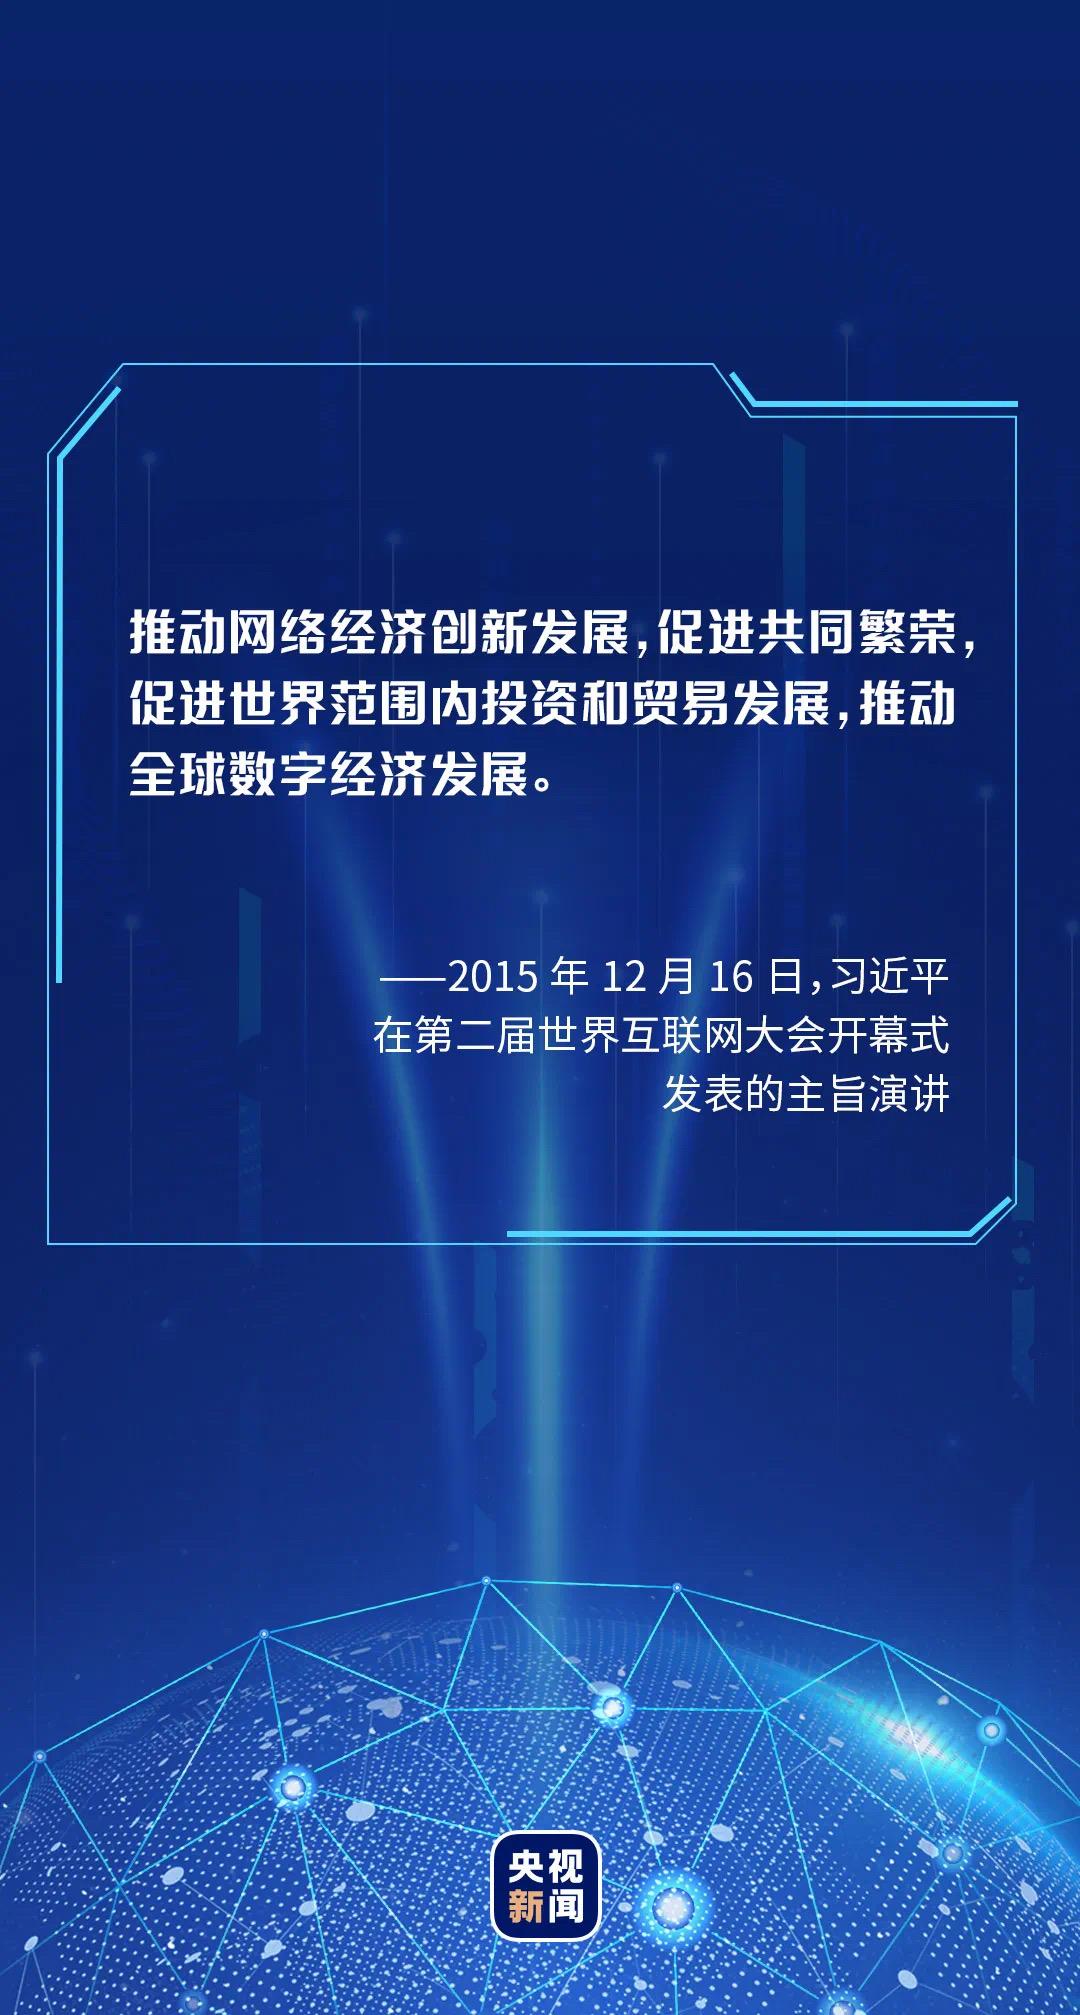 摩登4代理958337迈向数字文明新时代的中国方案